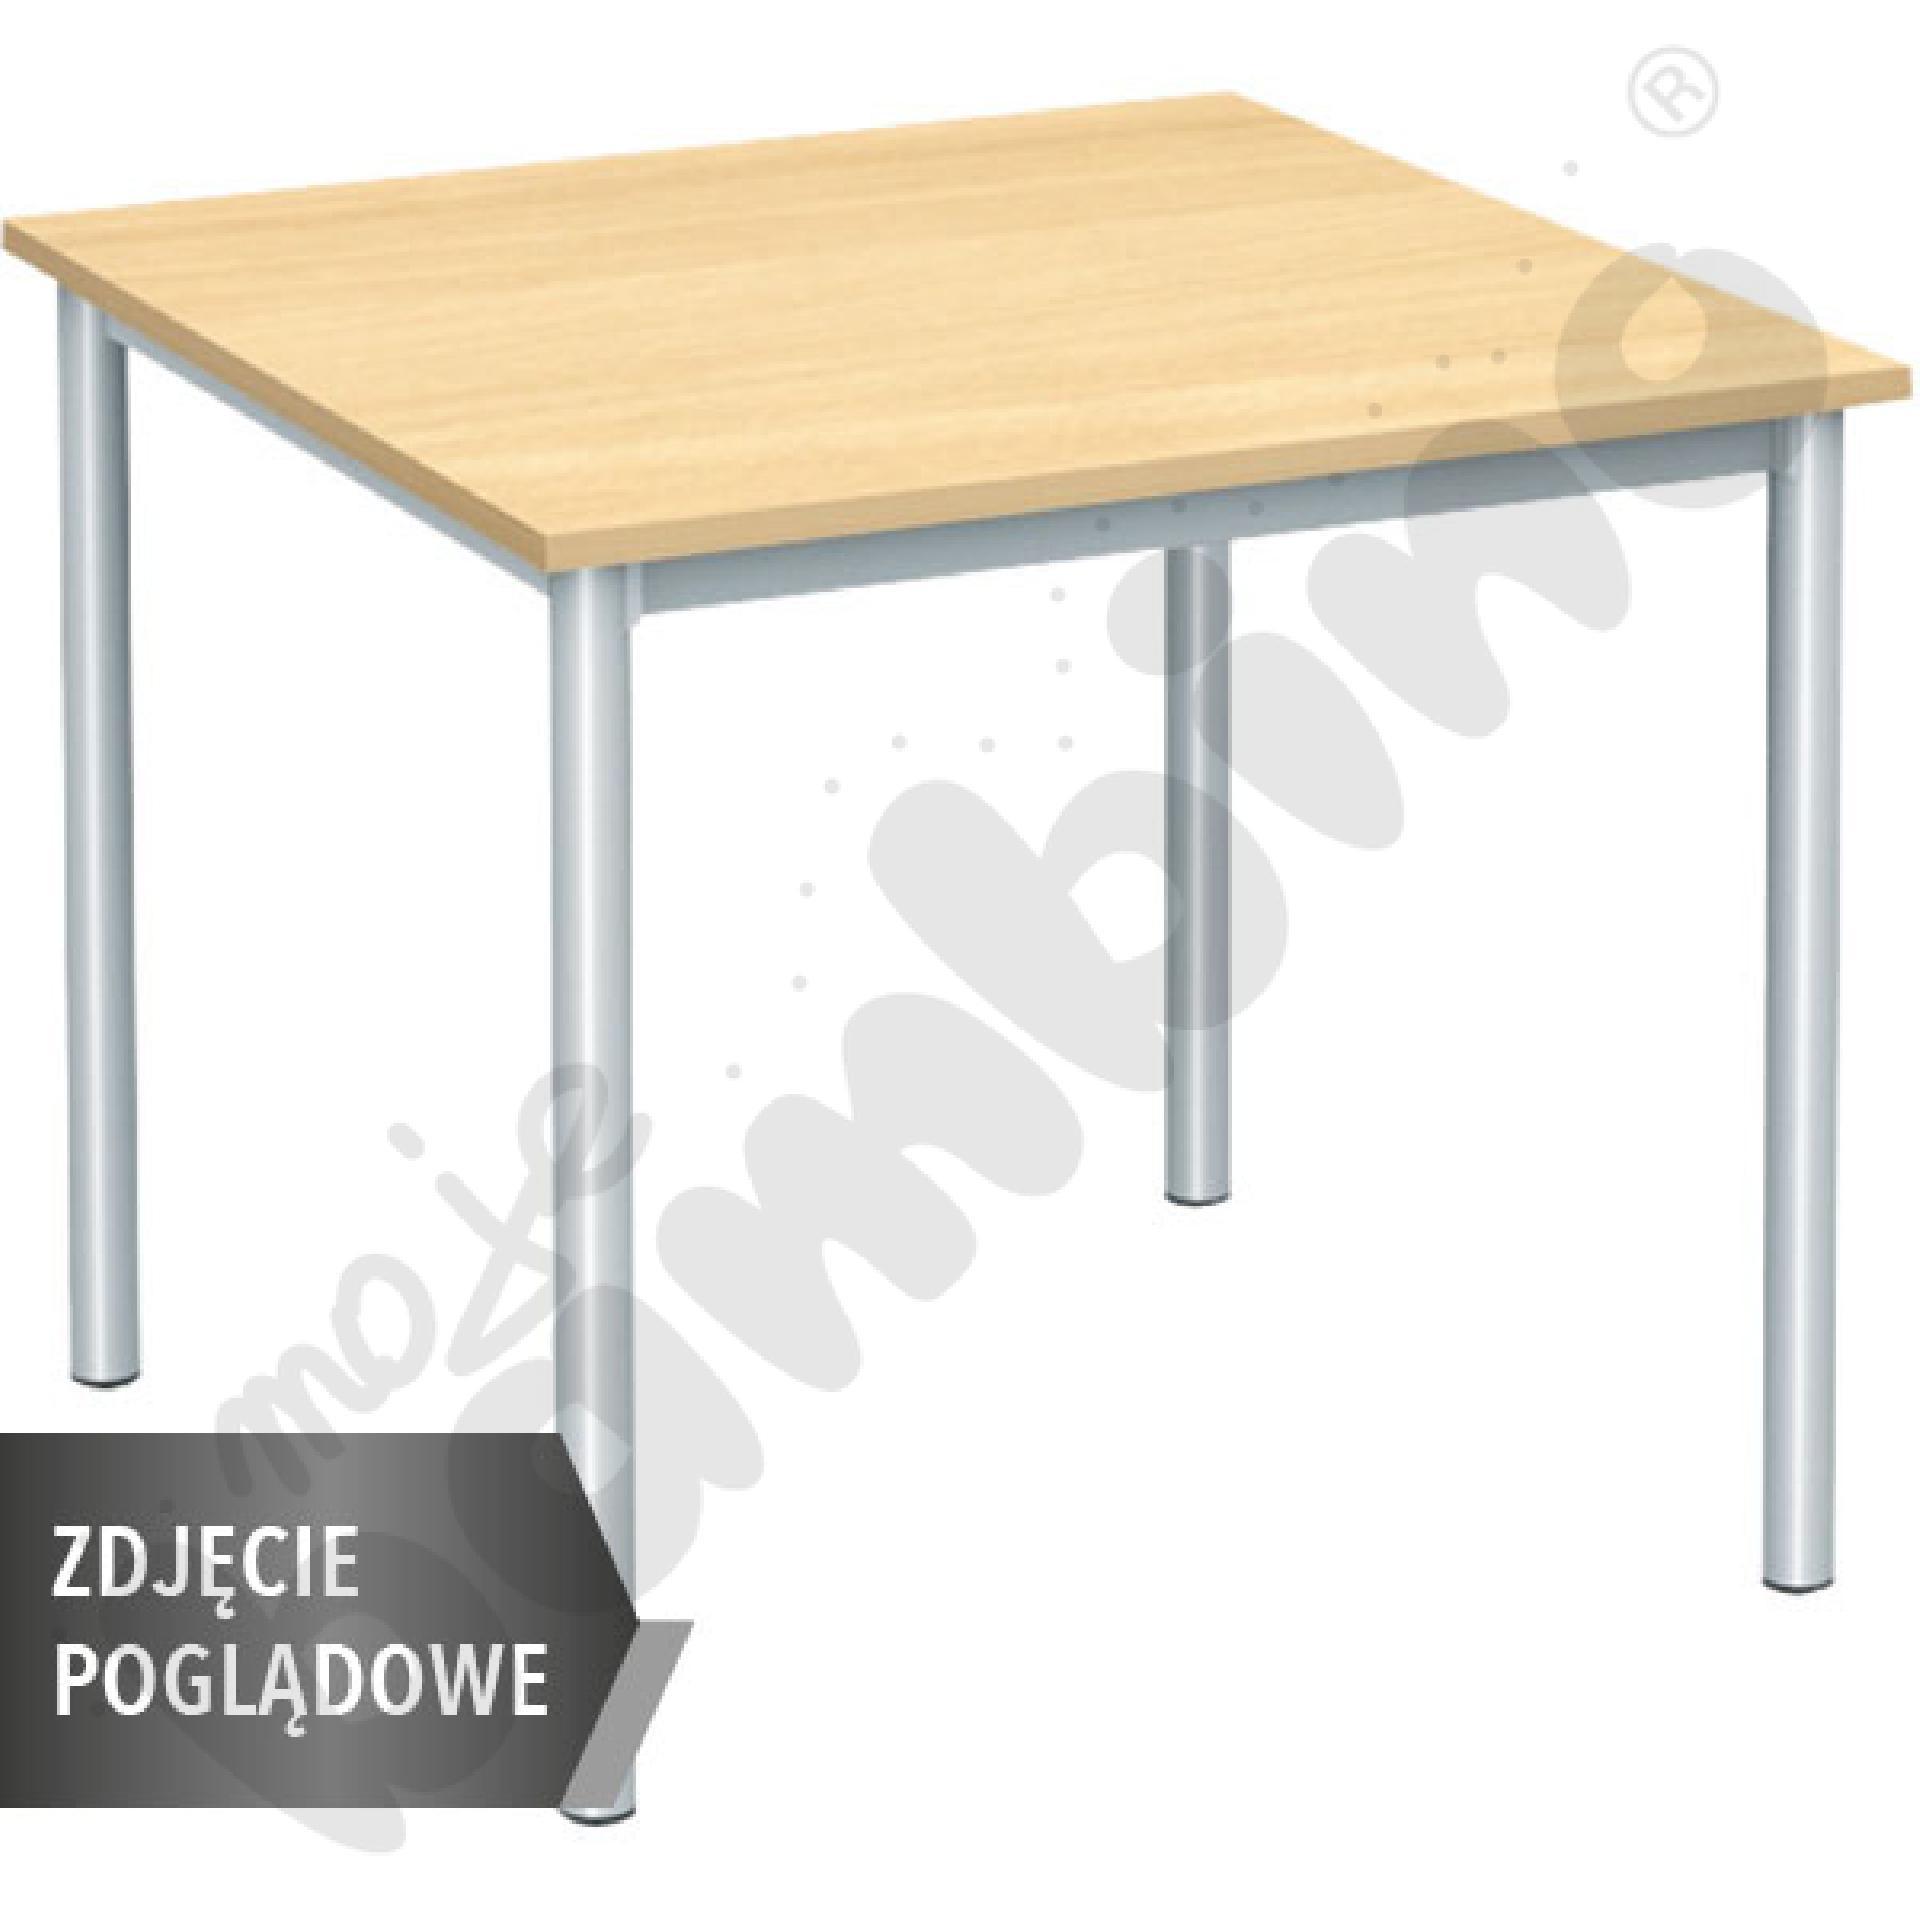 Stół Mila 80x80 rozm. 6, 4os., stelaż czerwony, blat klon, obrzeże ABS, narożniki proste